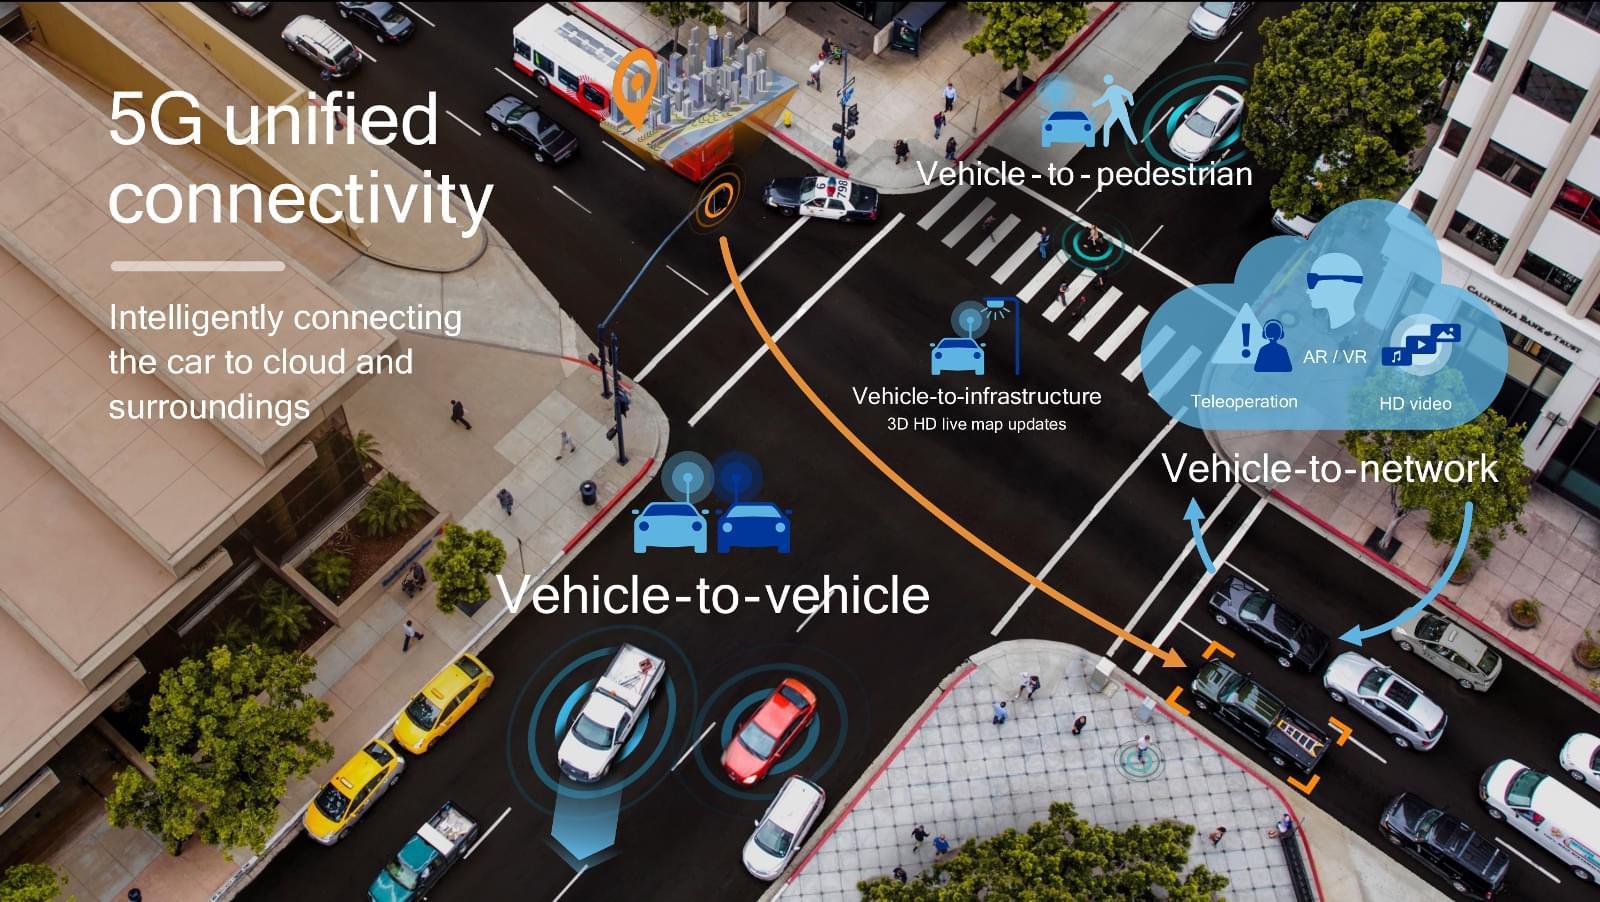 高通在加州获准进行自动驾驶技术测试